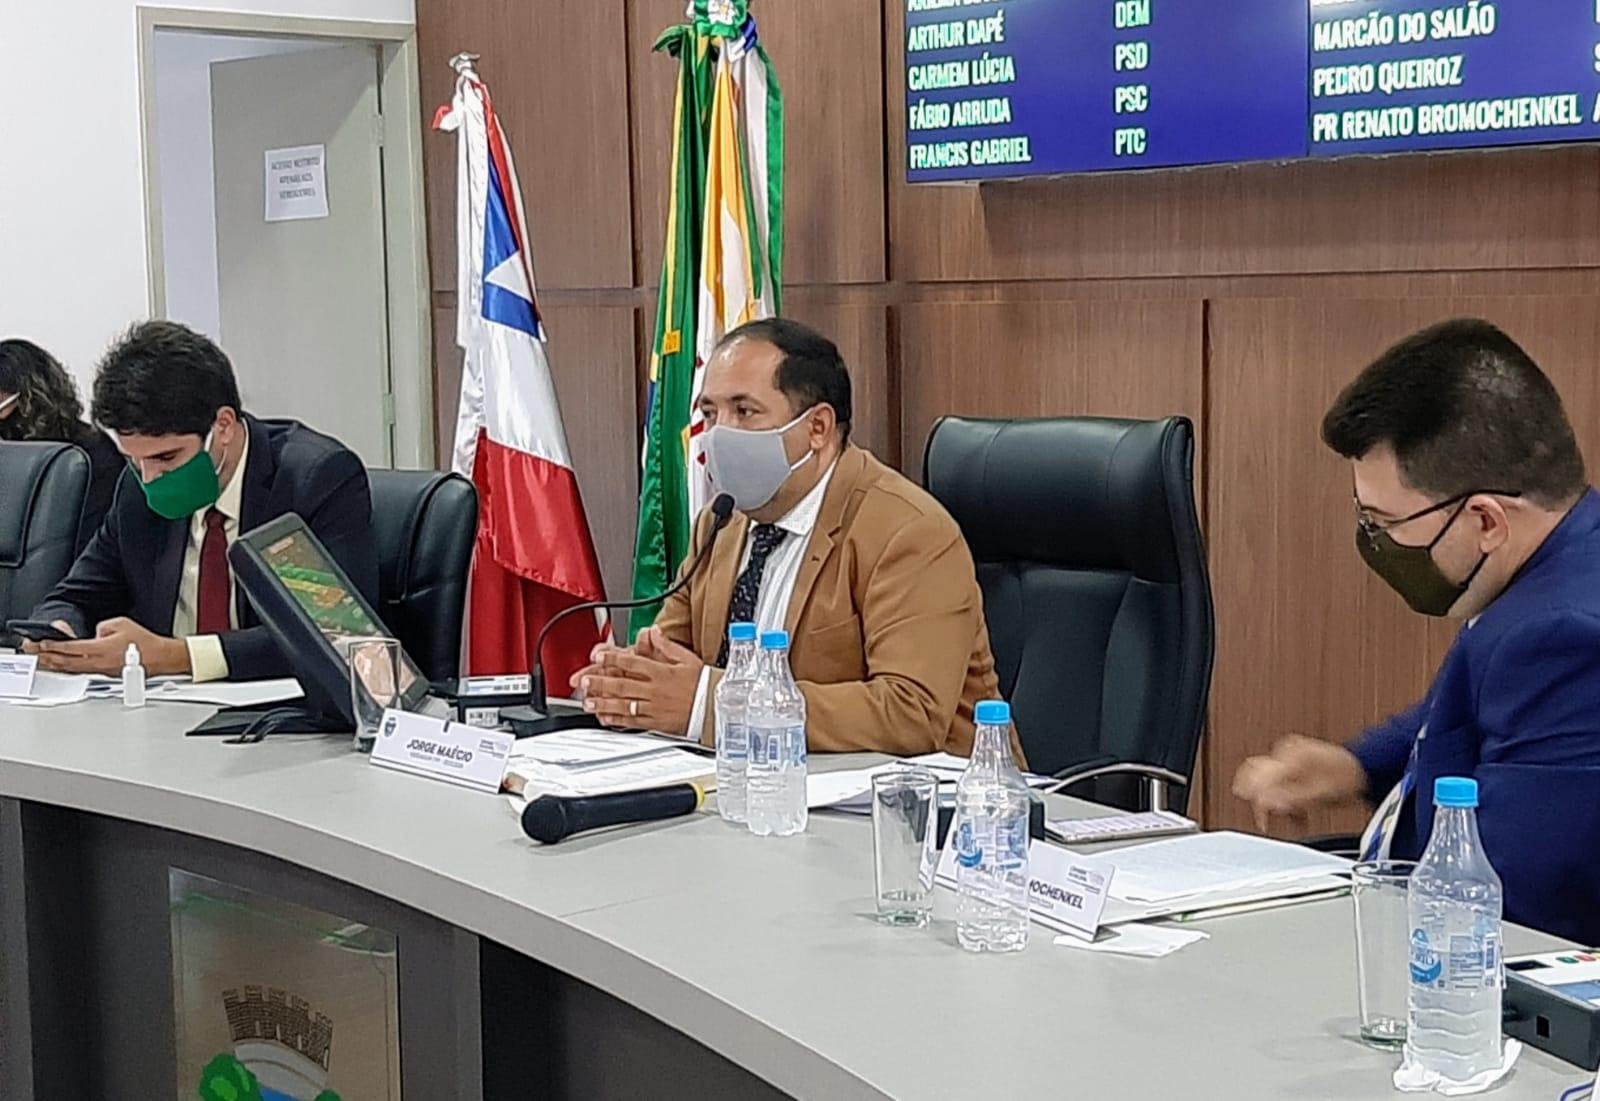 Câmara de Eunápolis aprova projeto que autoriza Prefeitura a comprar vacinas contra Covid-19 23